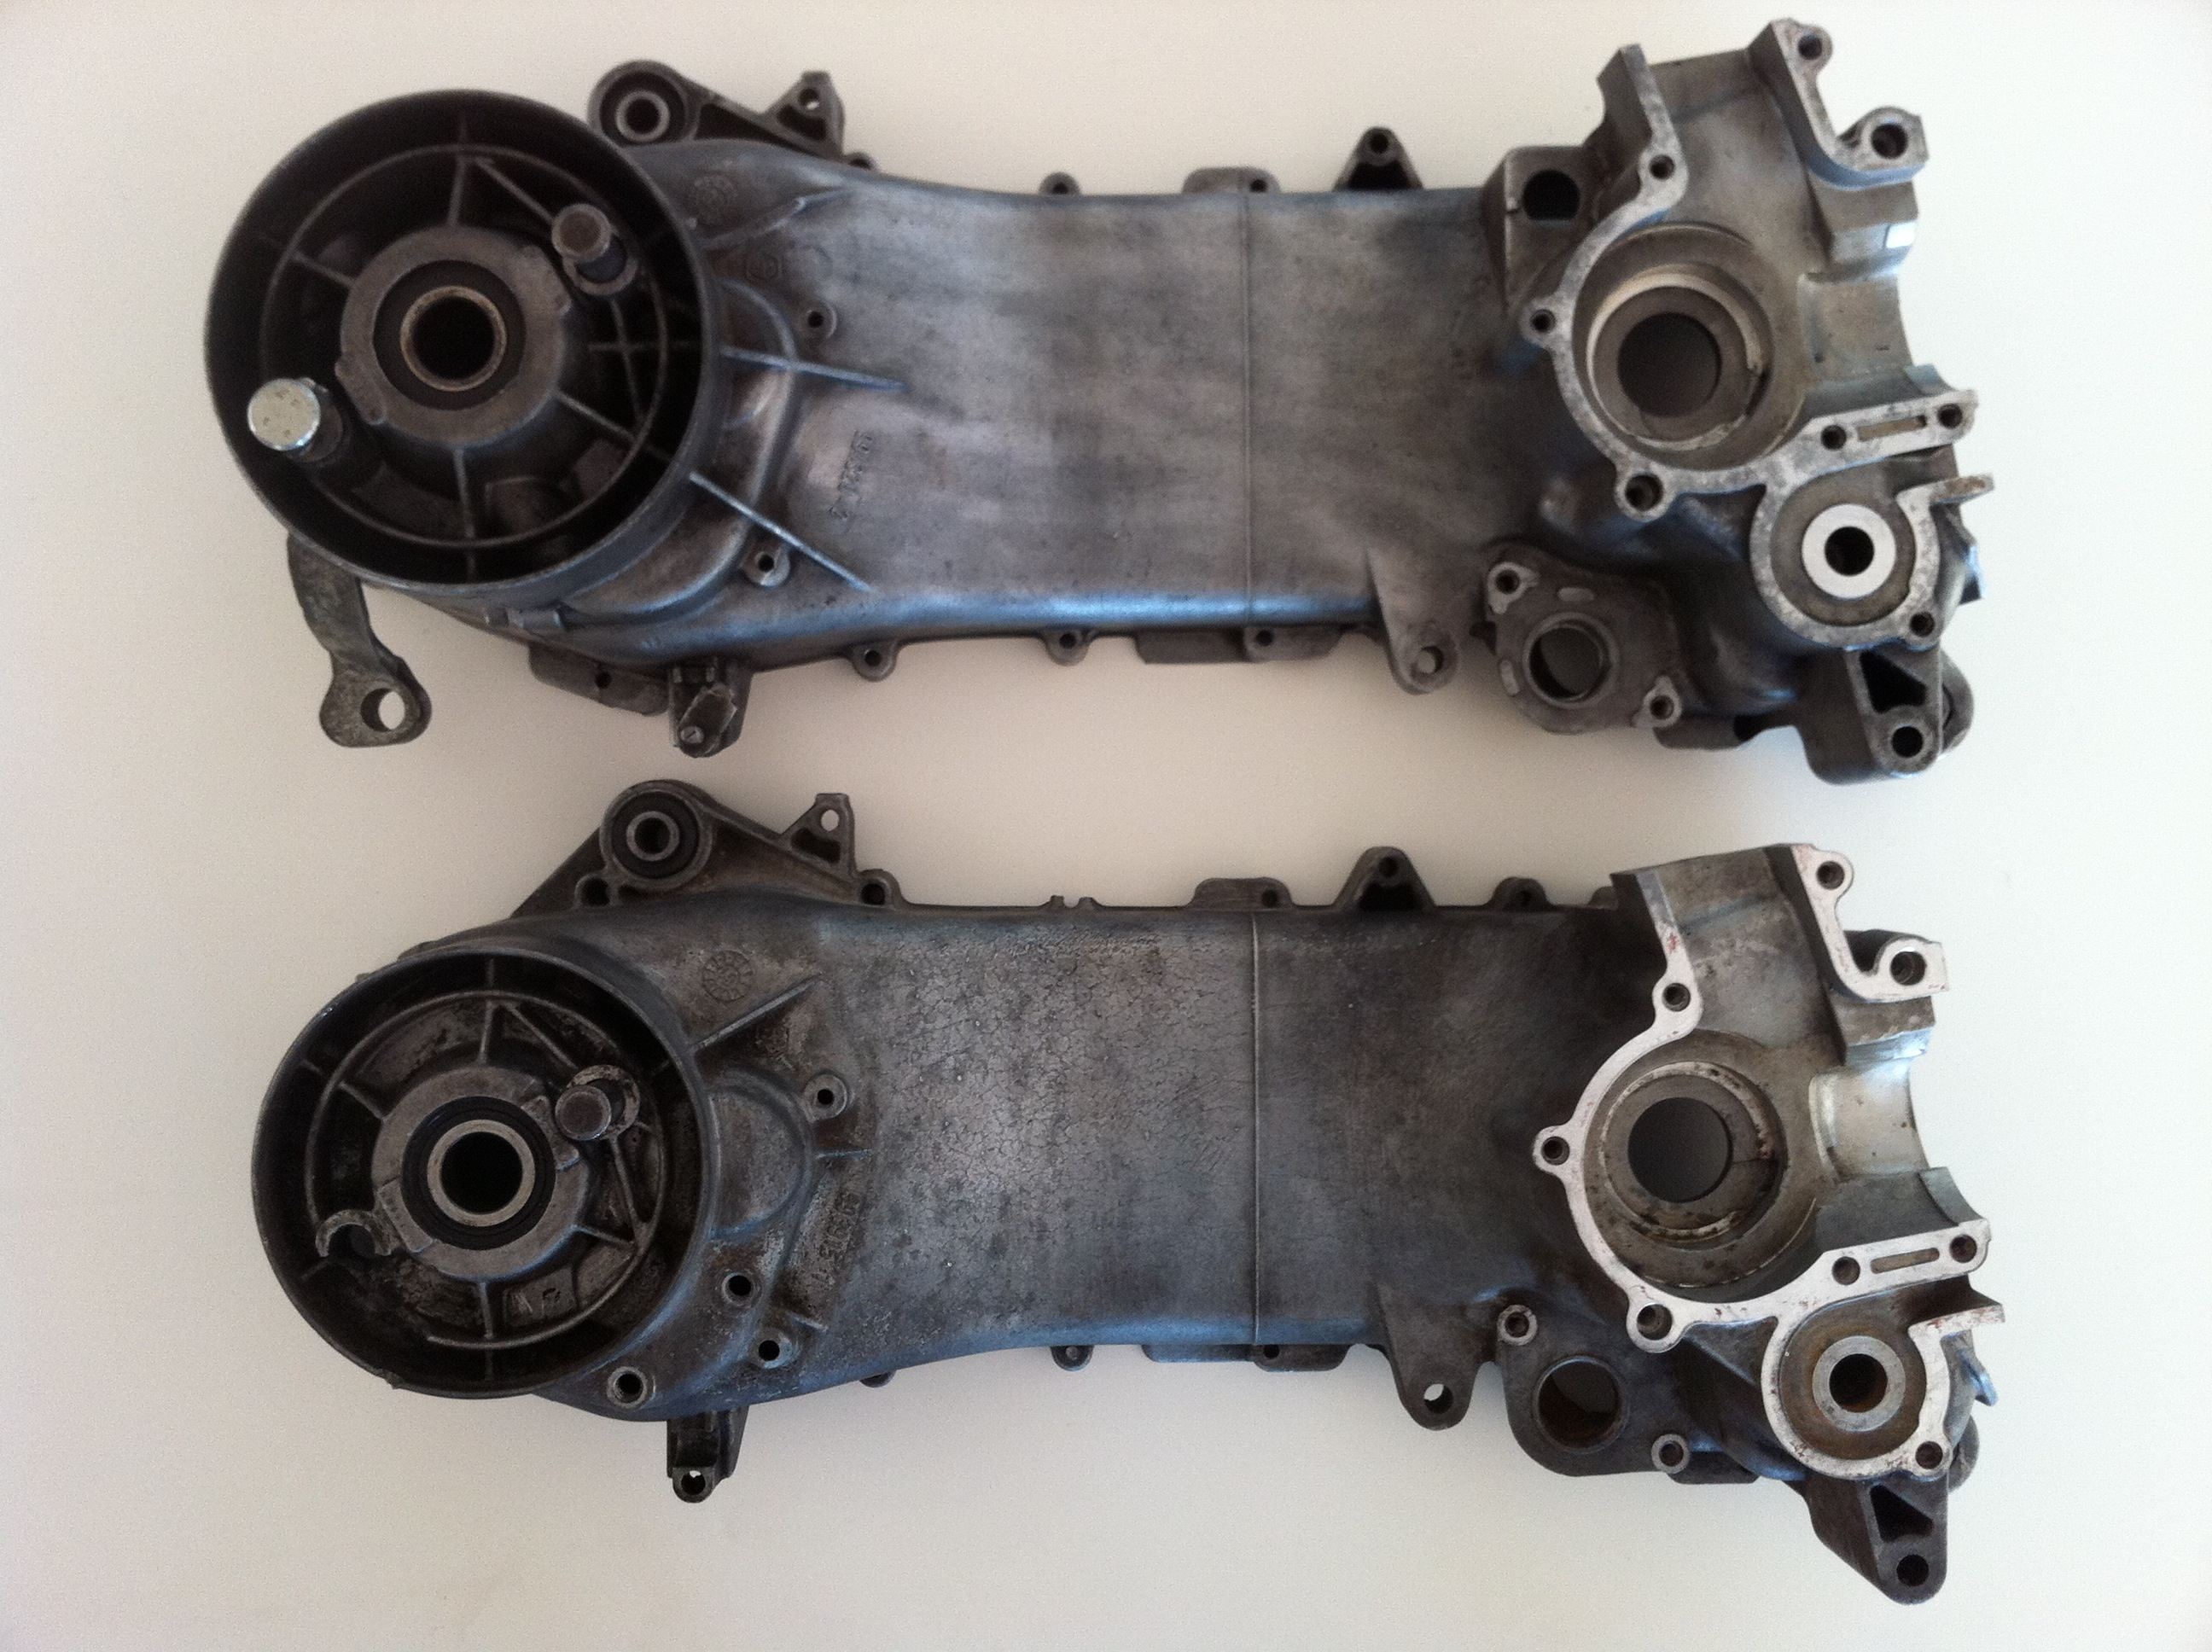 Review: Piaggio engine differences - Hi-PER-2 vs  Piaggio